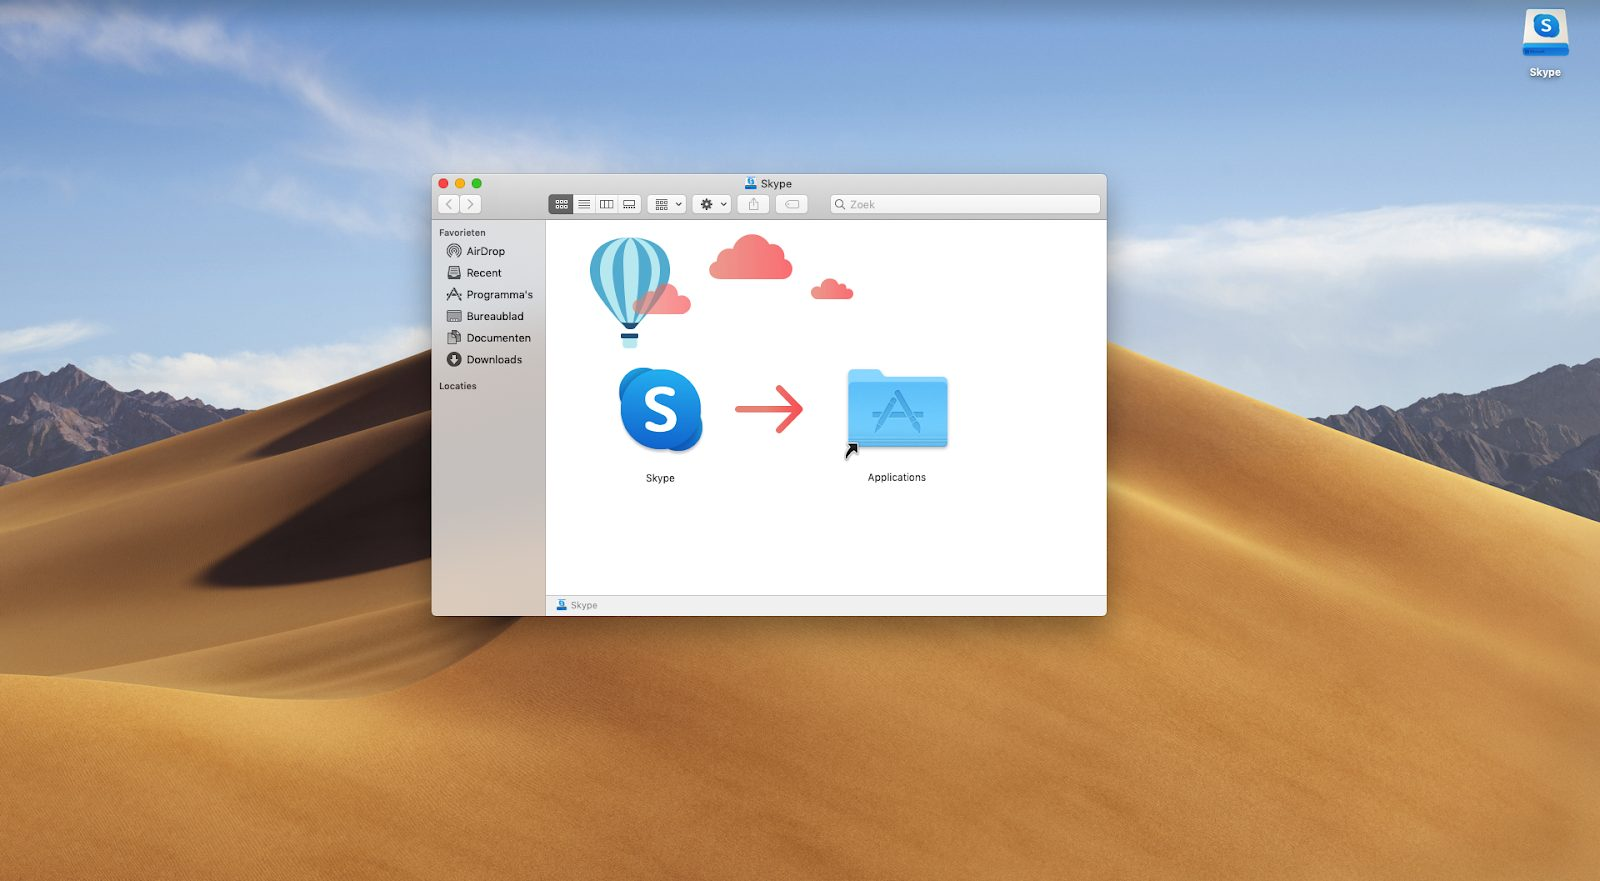 Screenshot sleep het Skype icoon naar de map 'Applicaties'